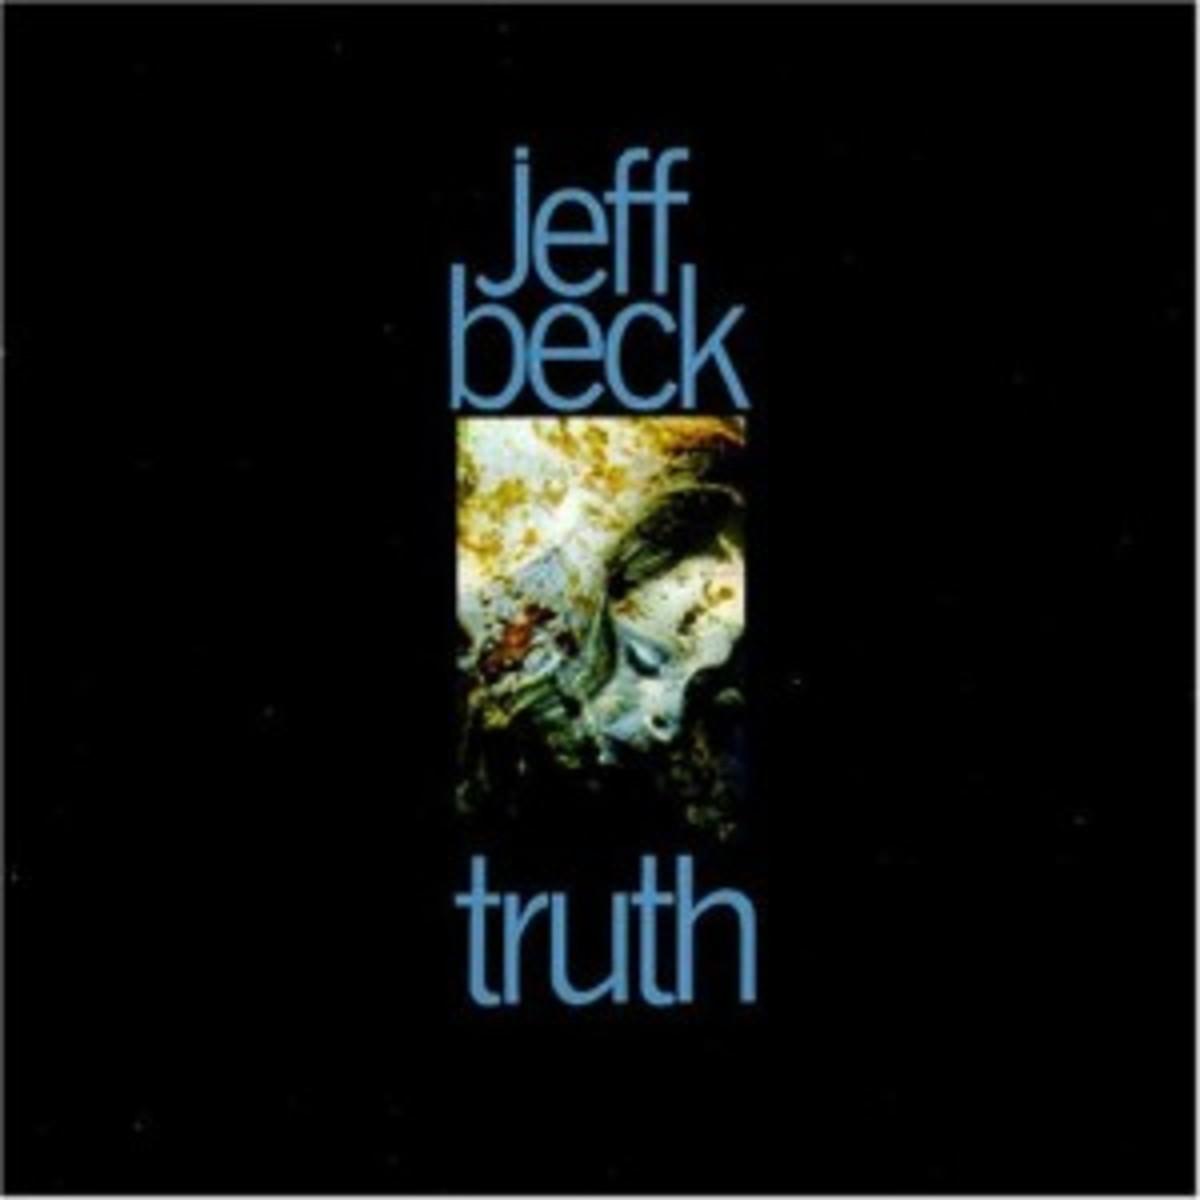 JeffBeckTruth